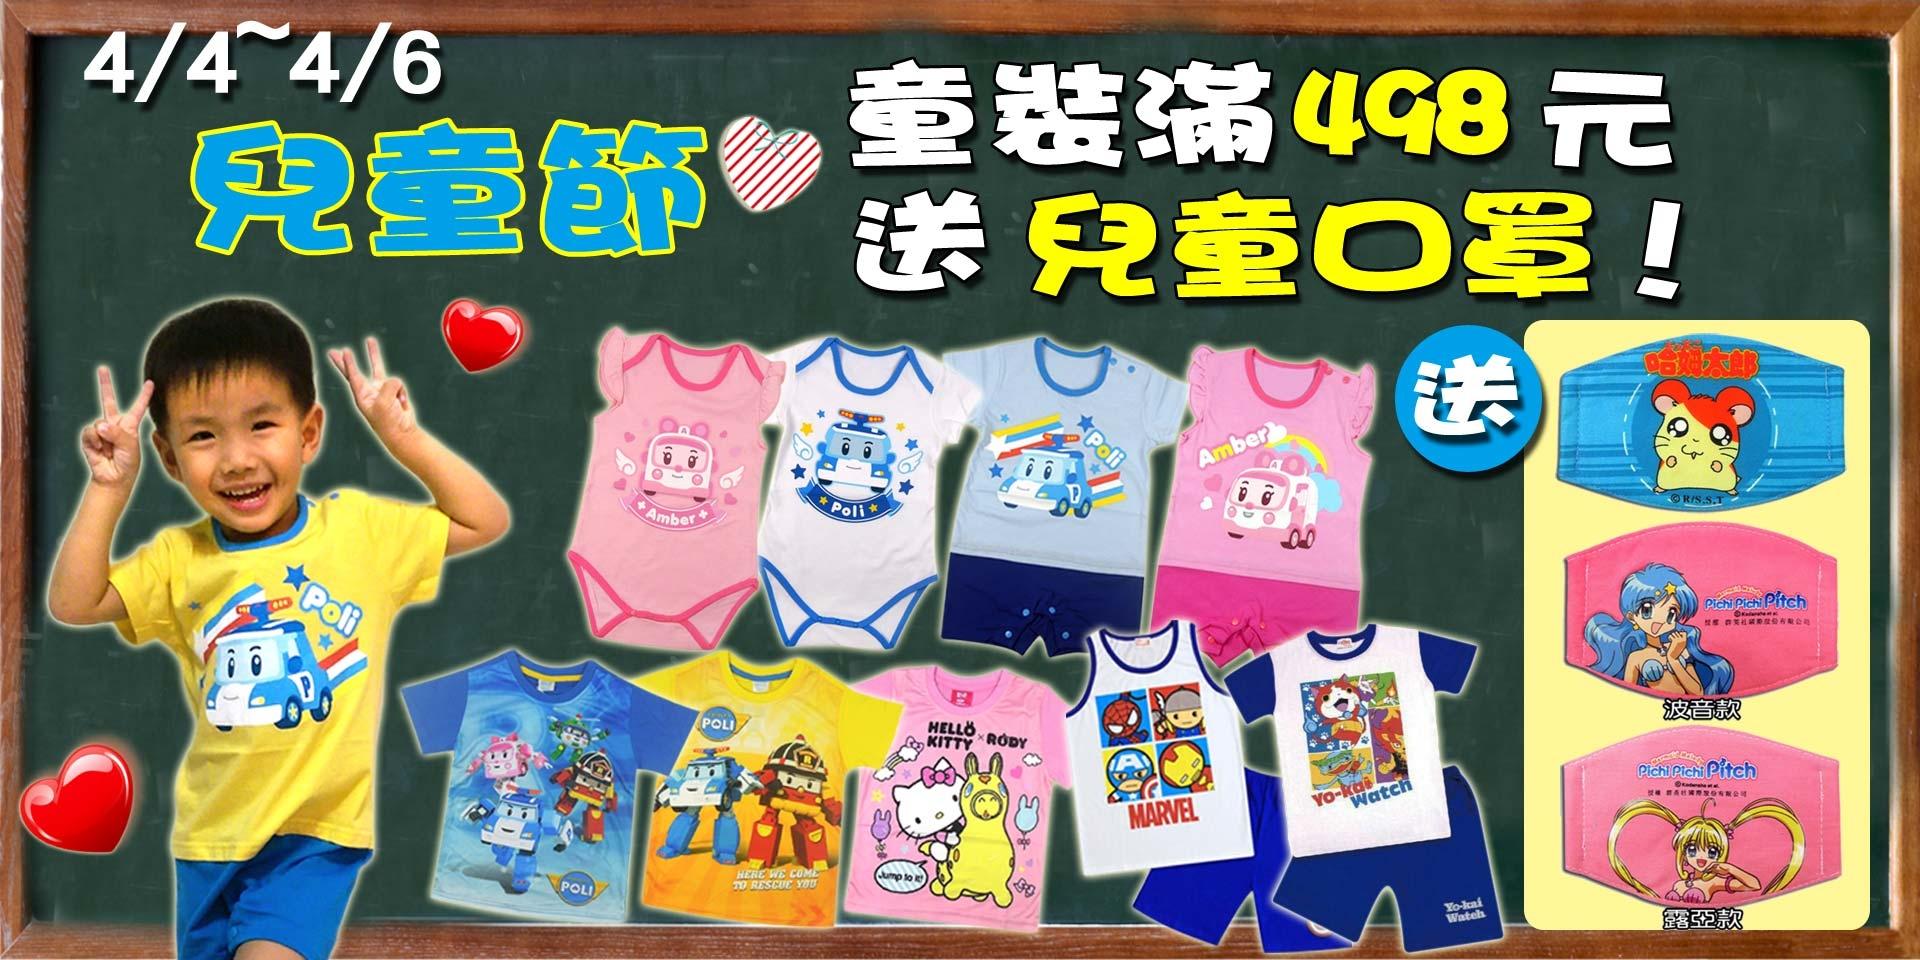 兒童節限定活動~童裝滿498元送兒童口罩1個(可留言告知要男生/女生款)!